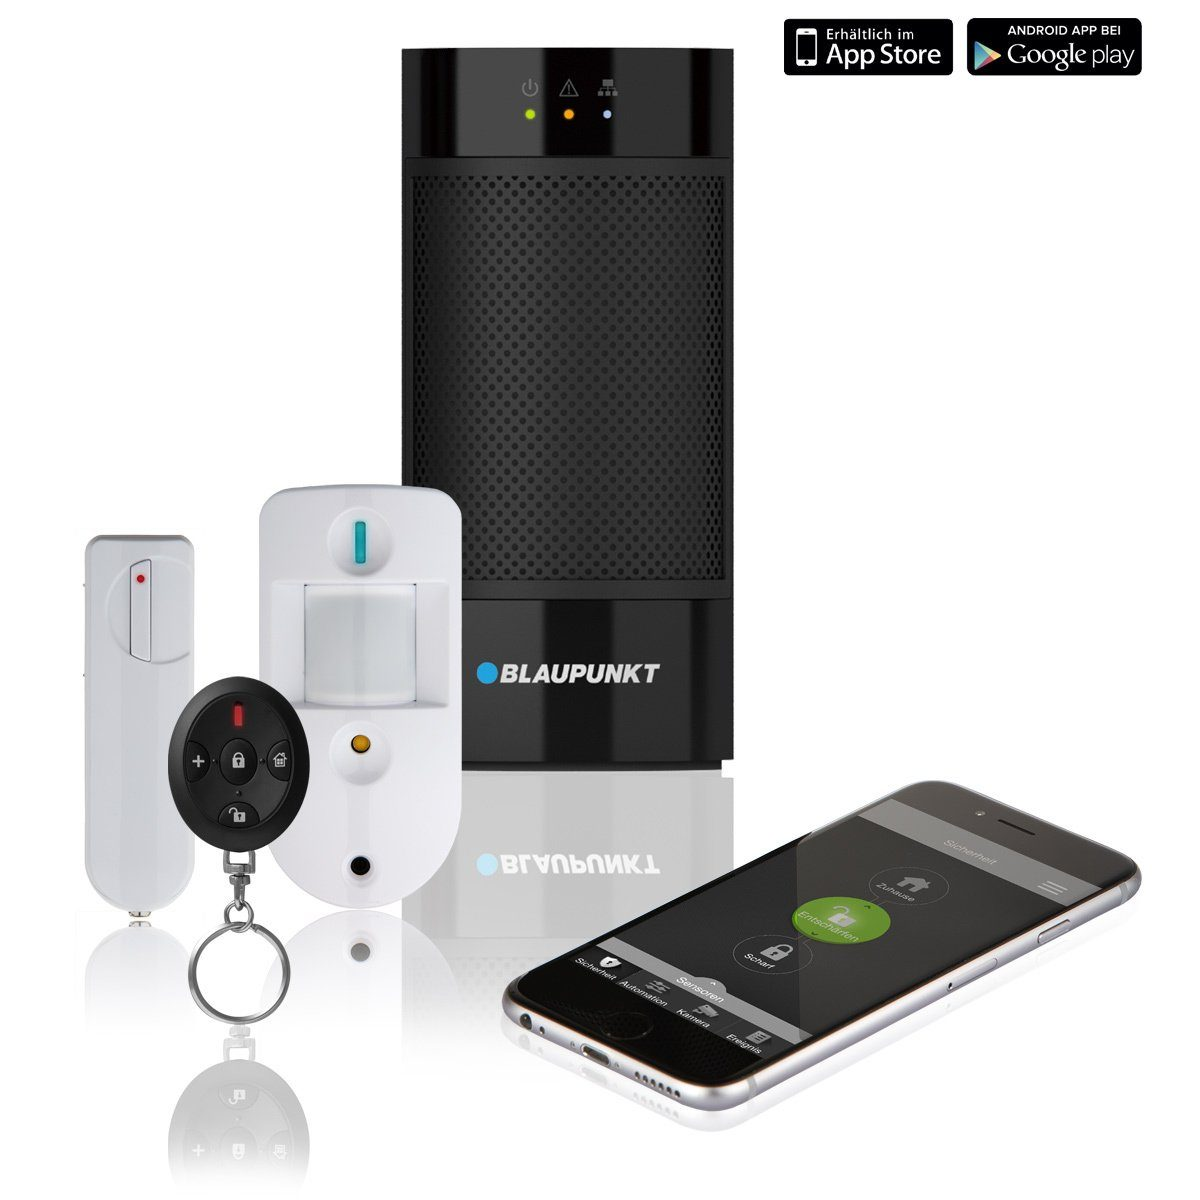 Blaupunkt Smarthome Zubehör »Q3200 Starterkit Alarmanlage«